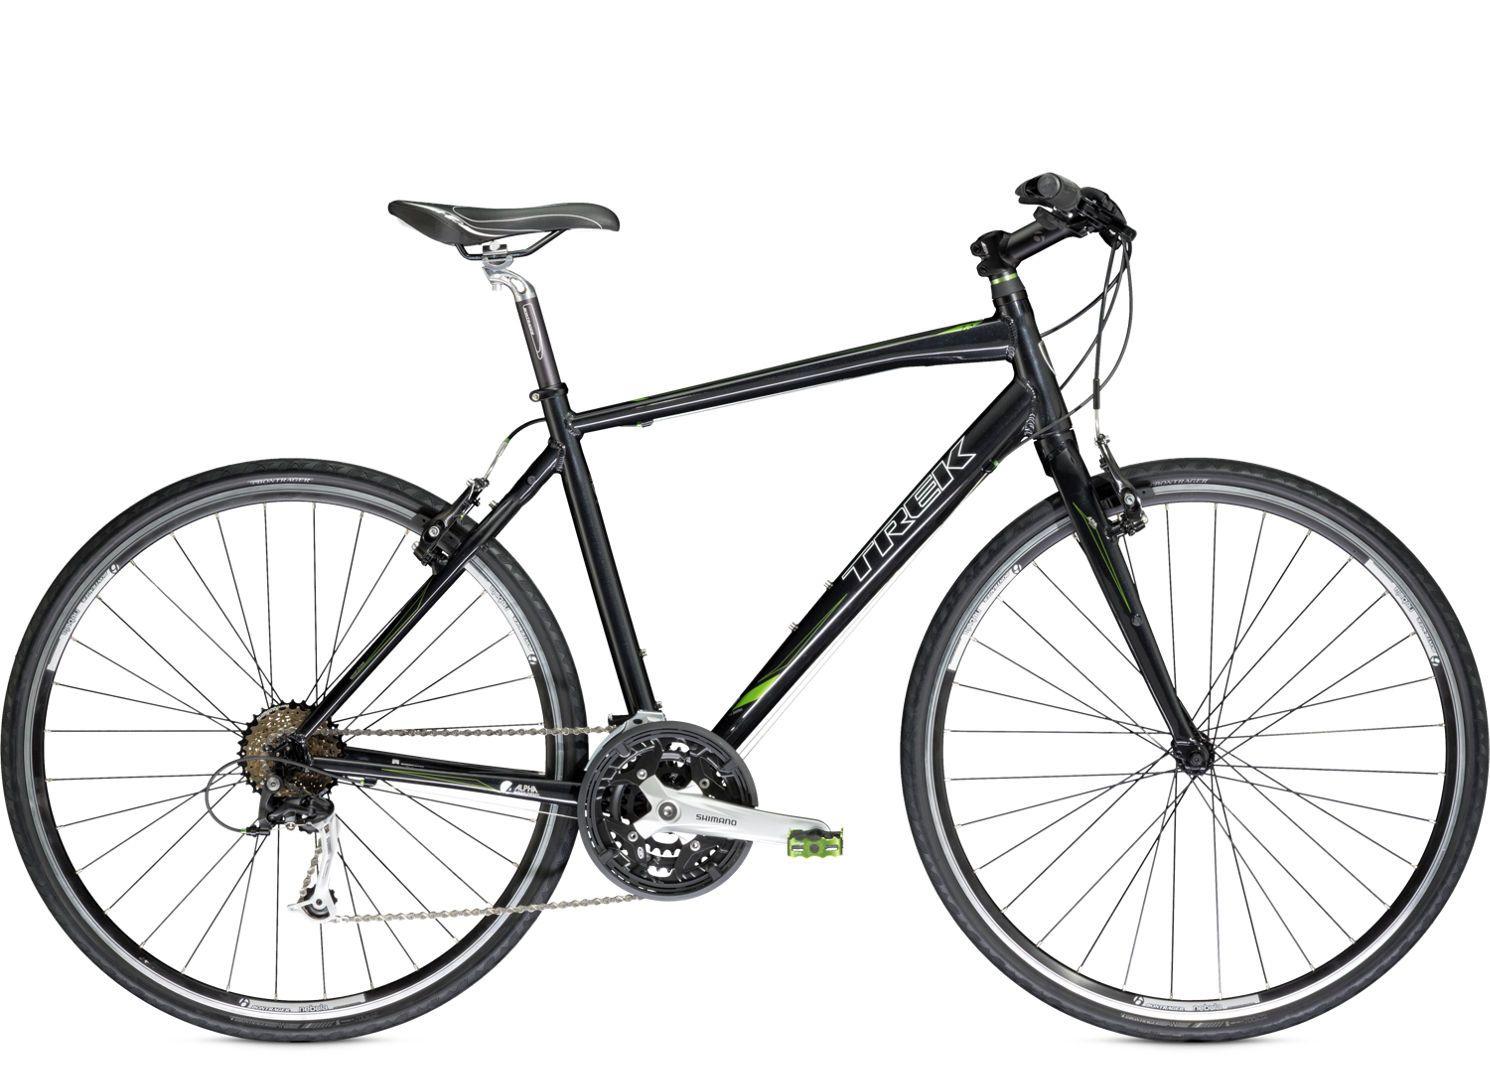 7 3 Fx Trek Bicycle Trek Bicycle Hybrid Bike Bicycles Bicycle